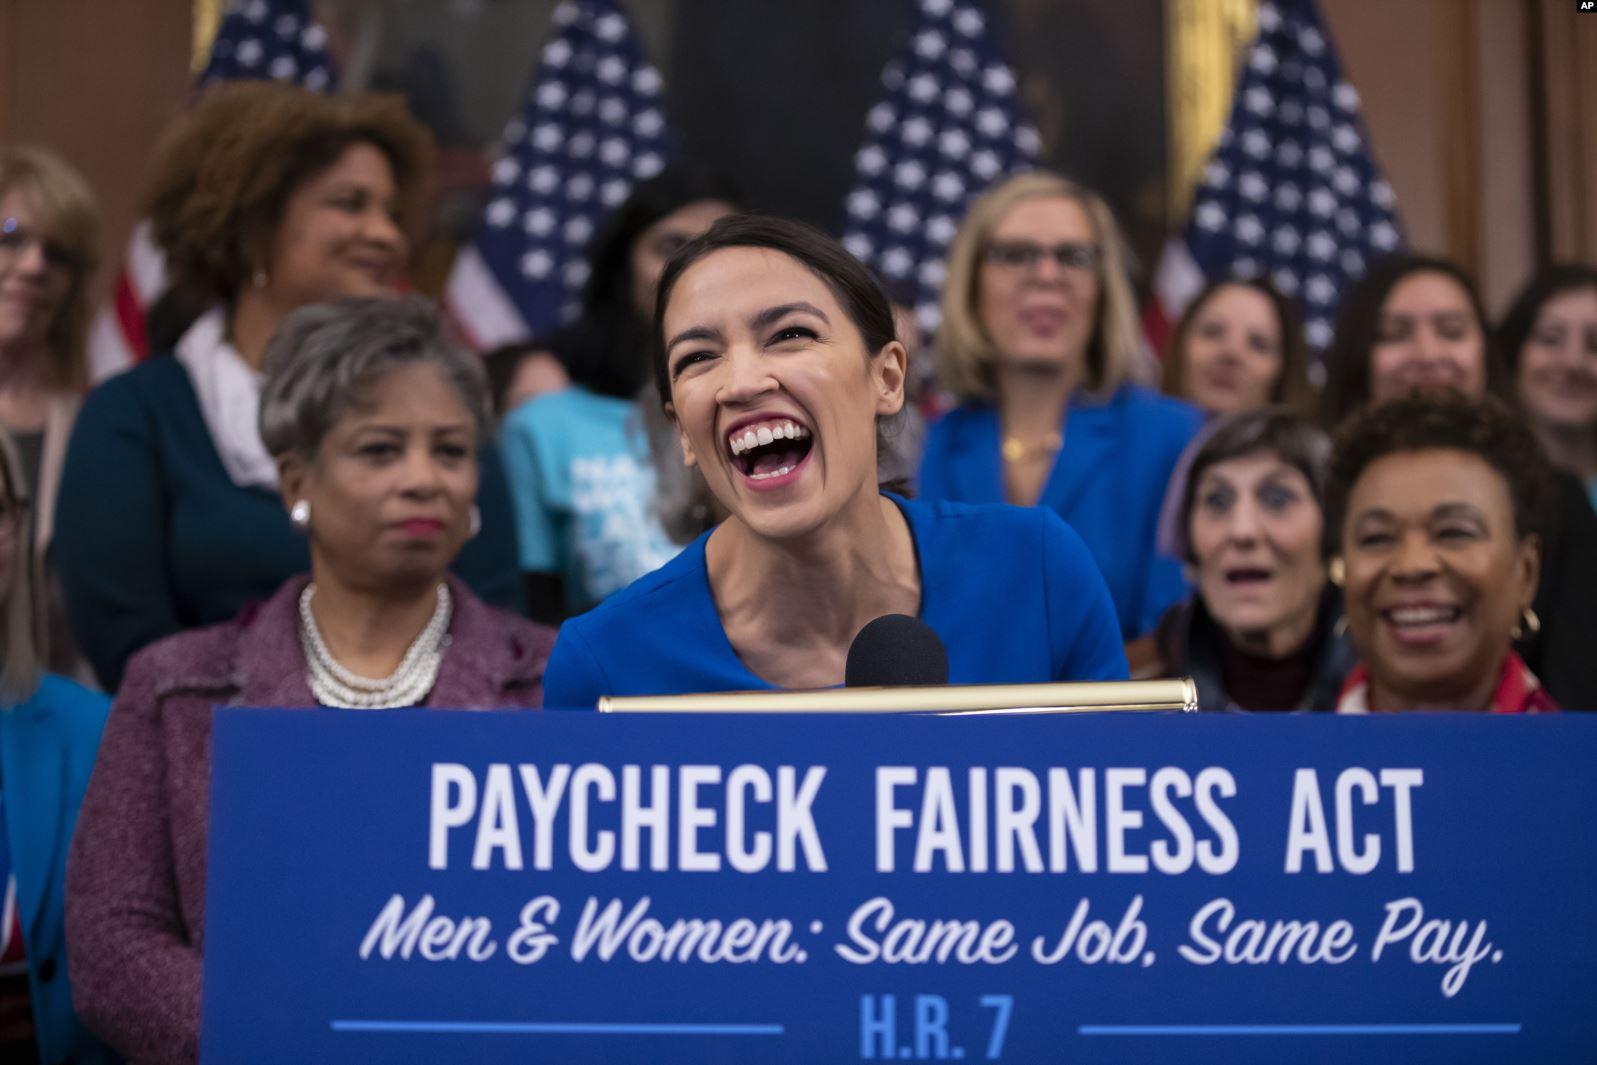 SHBA: Dikur ishte fjalë e ndyrë, tashmë socializmi po rikthehet…